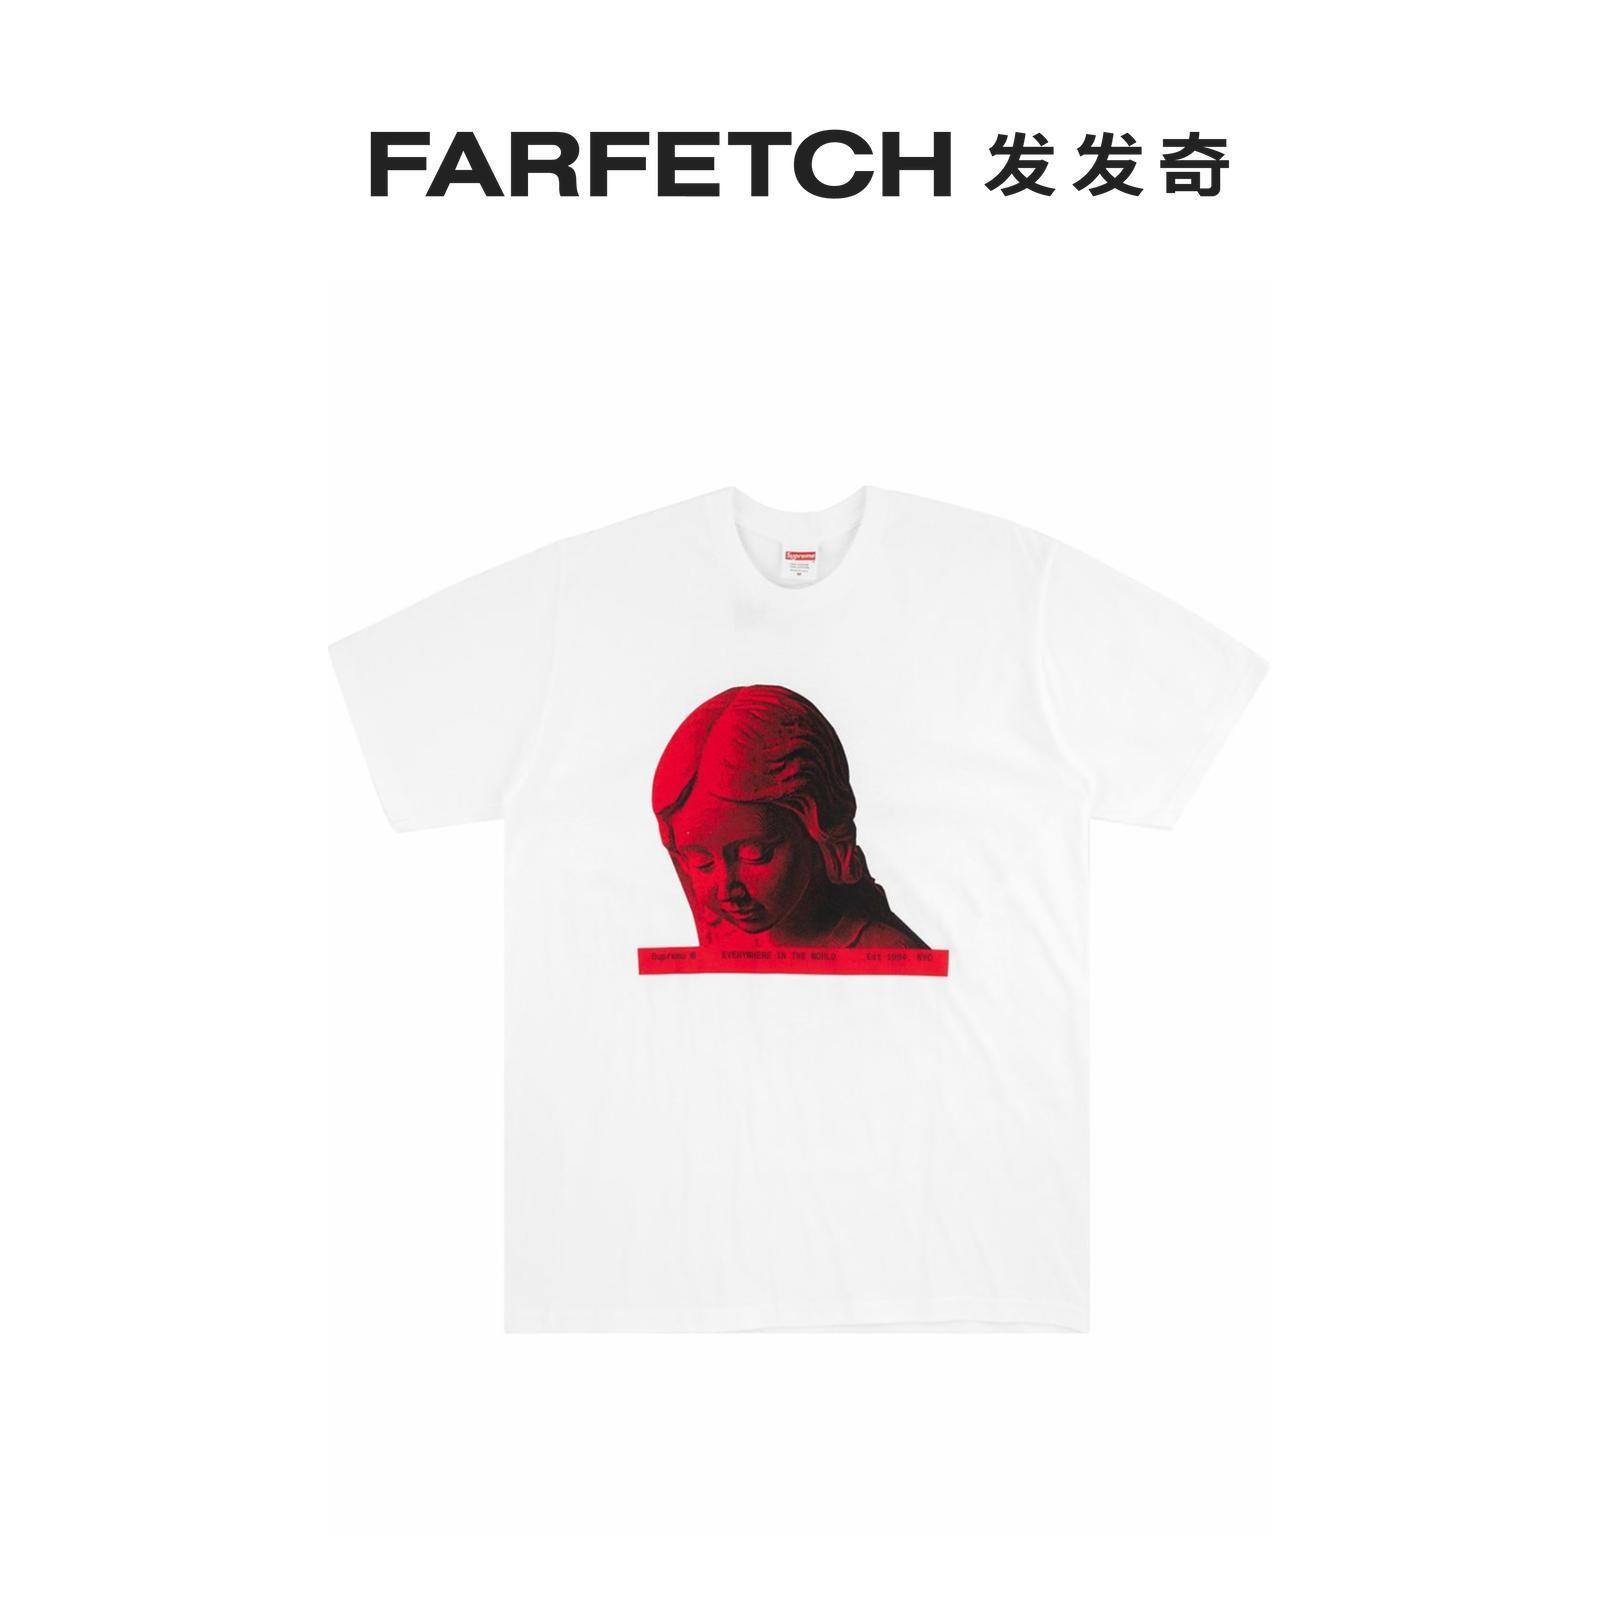 七夕新品Supreme男士Everywhere T恤FARFETCH发发奇